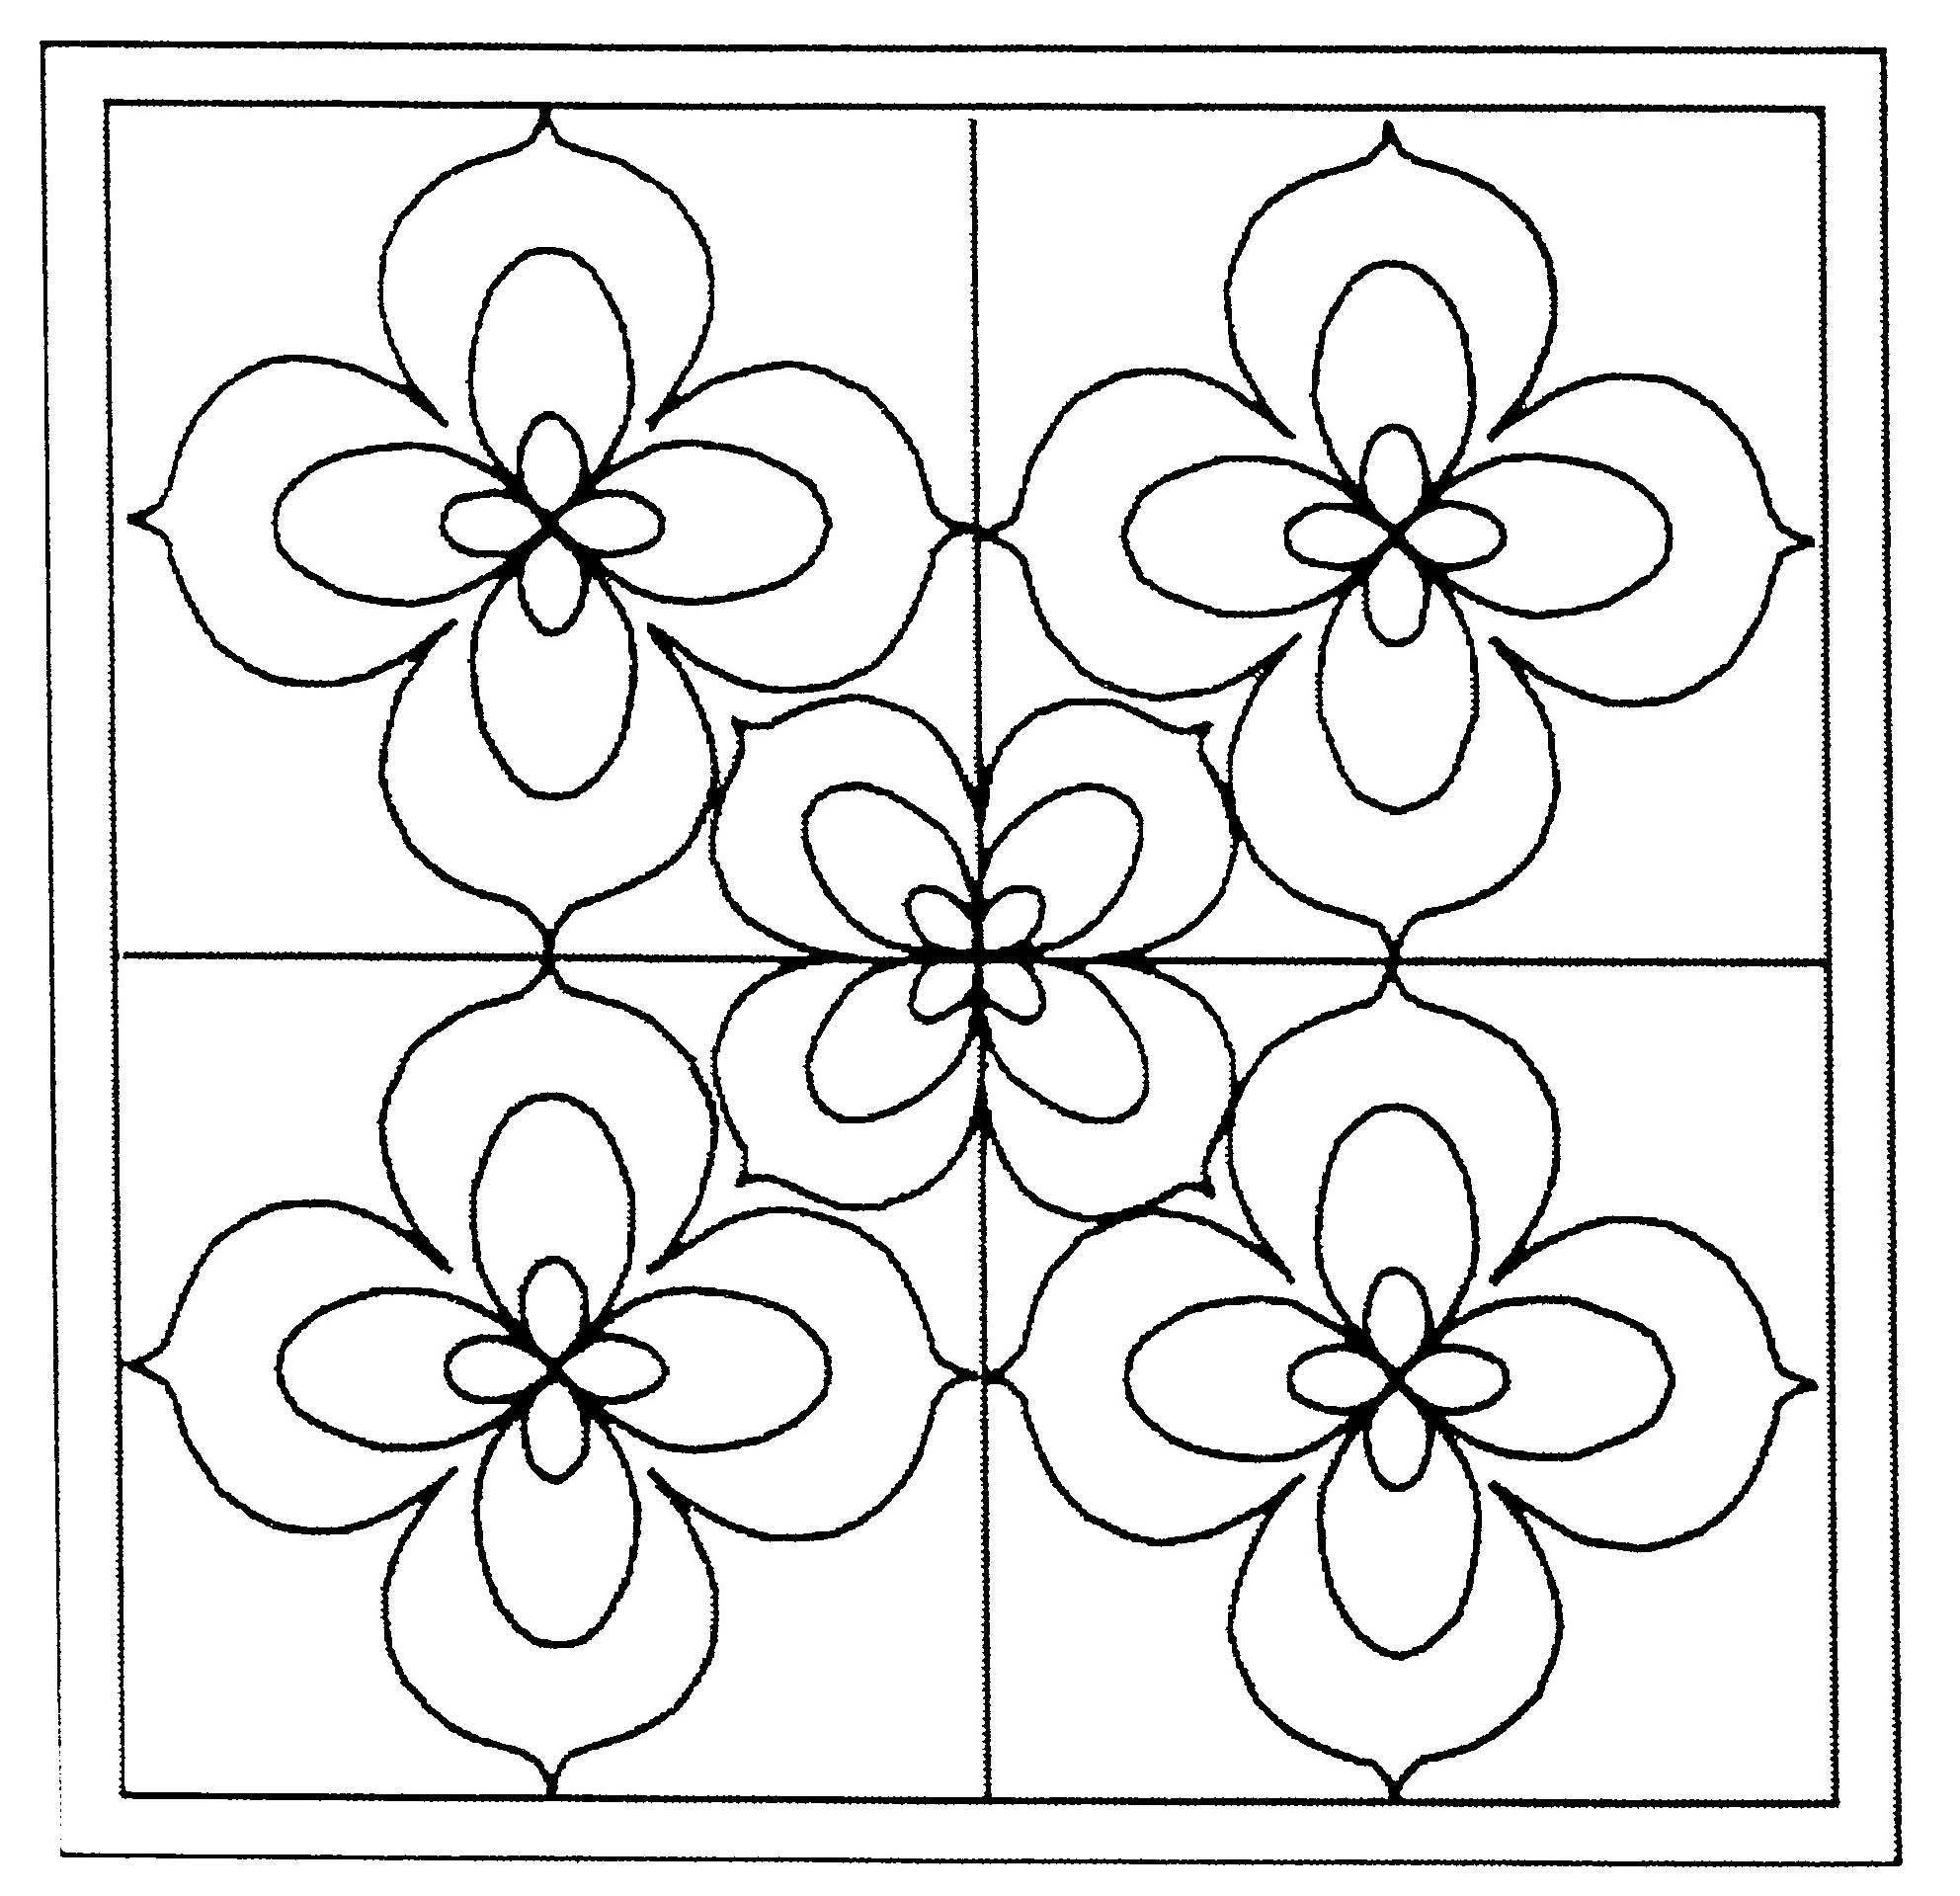 Coloriages imprimer fleurs num ro 672858 - Fleurs en dessin ...